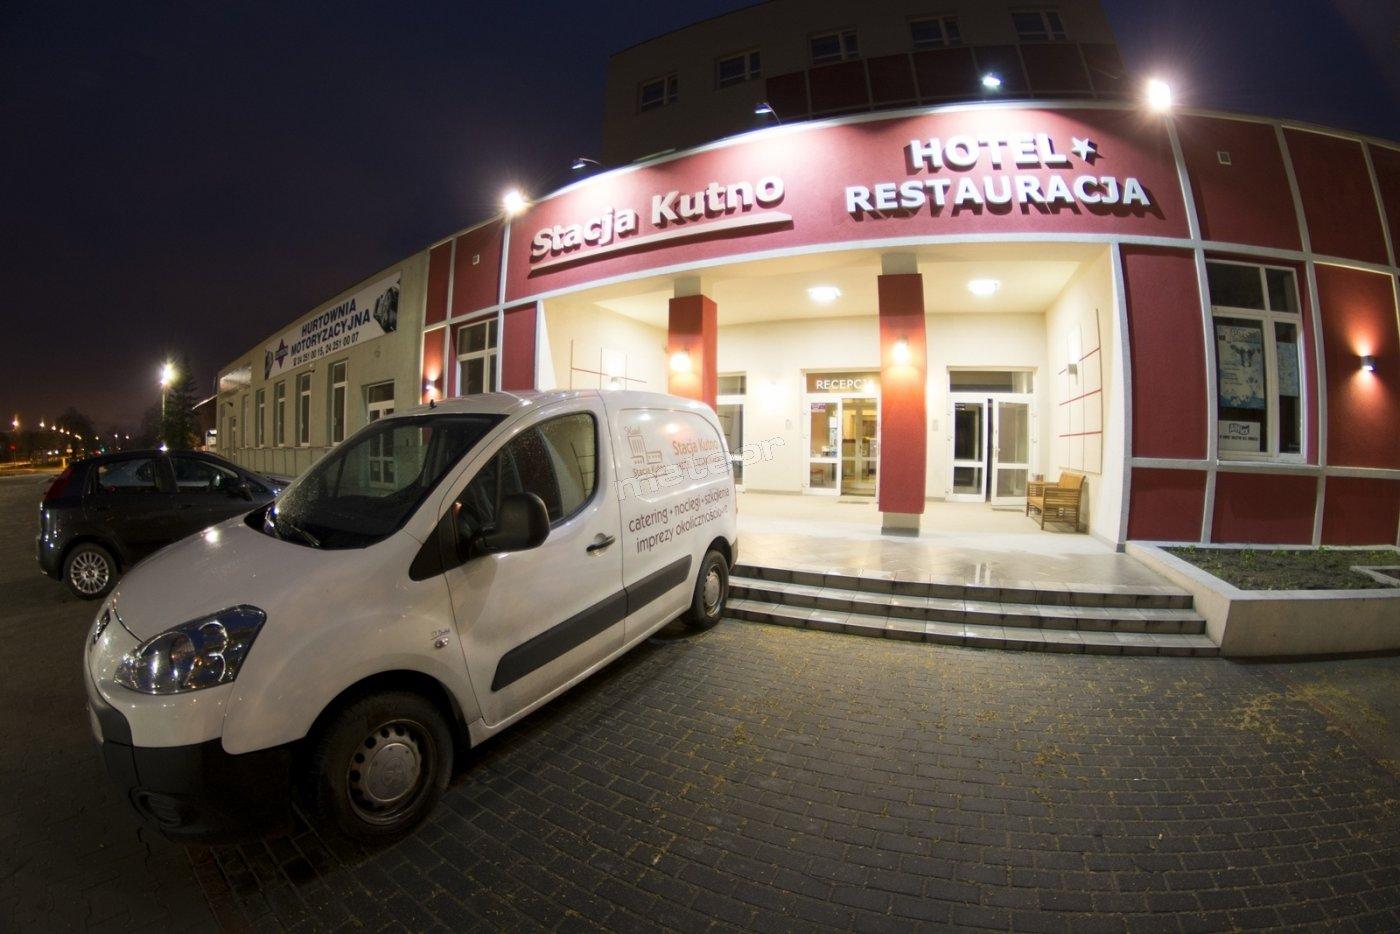 Hotel i Restauracja Stacja Kutno* zaprasza!